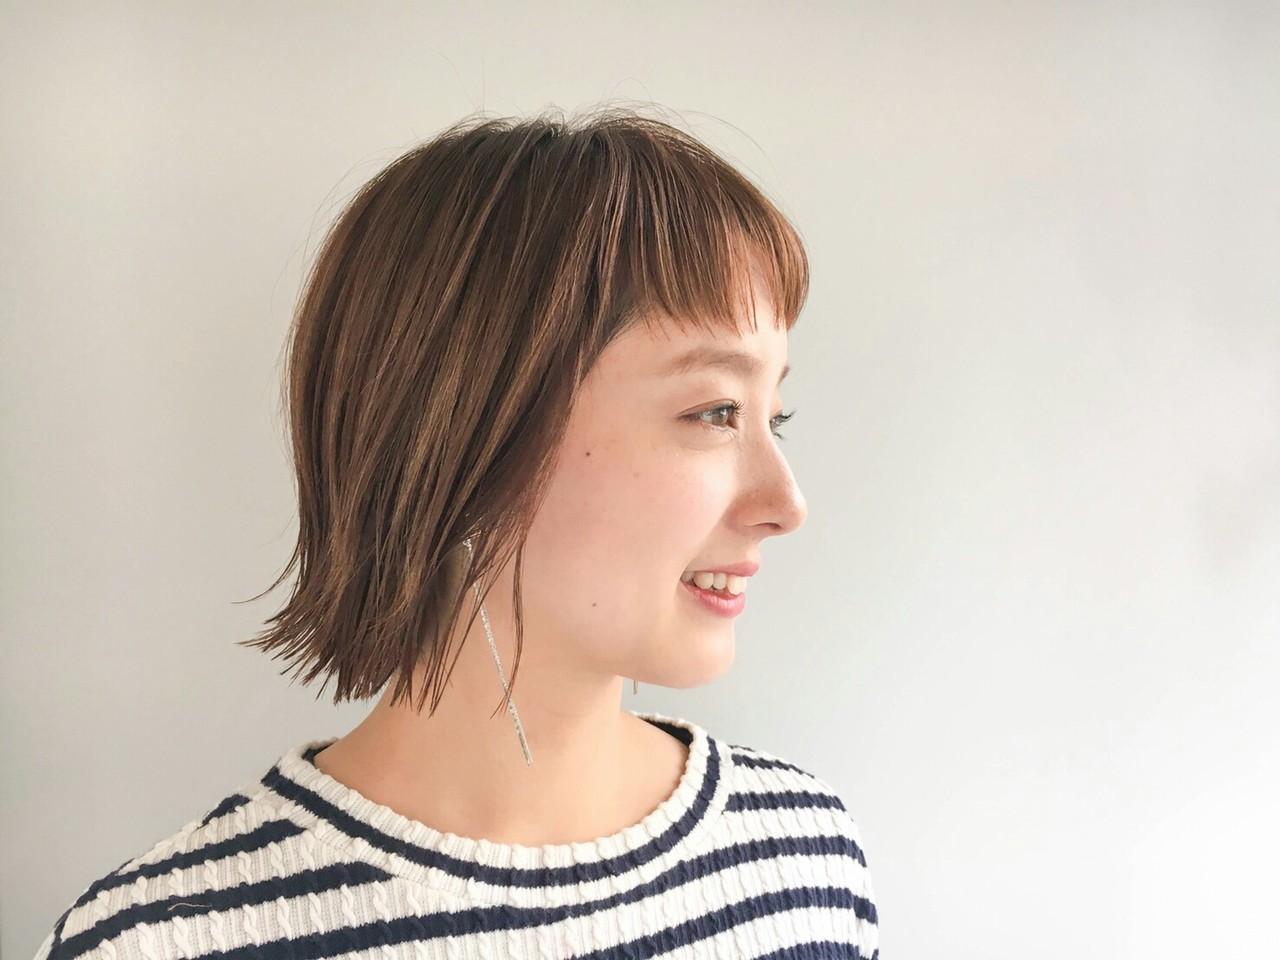 ハイライト 抜け感 ショート 切りっぱなし ヘアスタイルや髪型の写真・画像 | asuka /